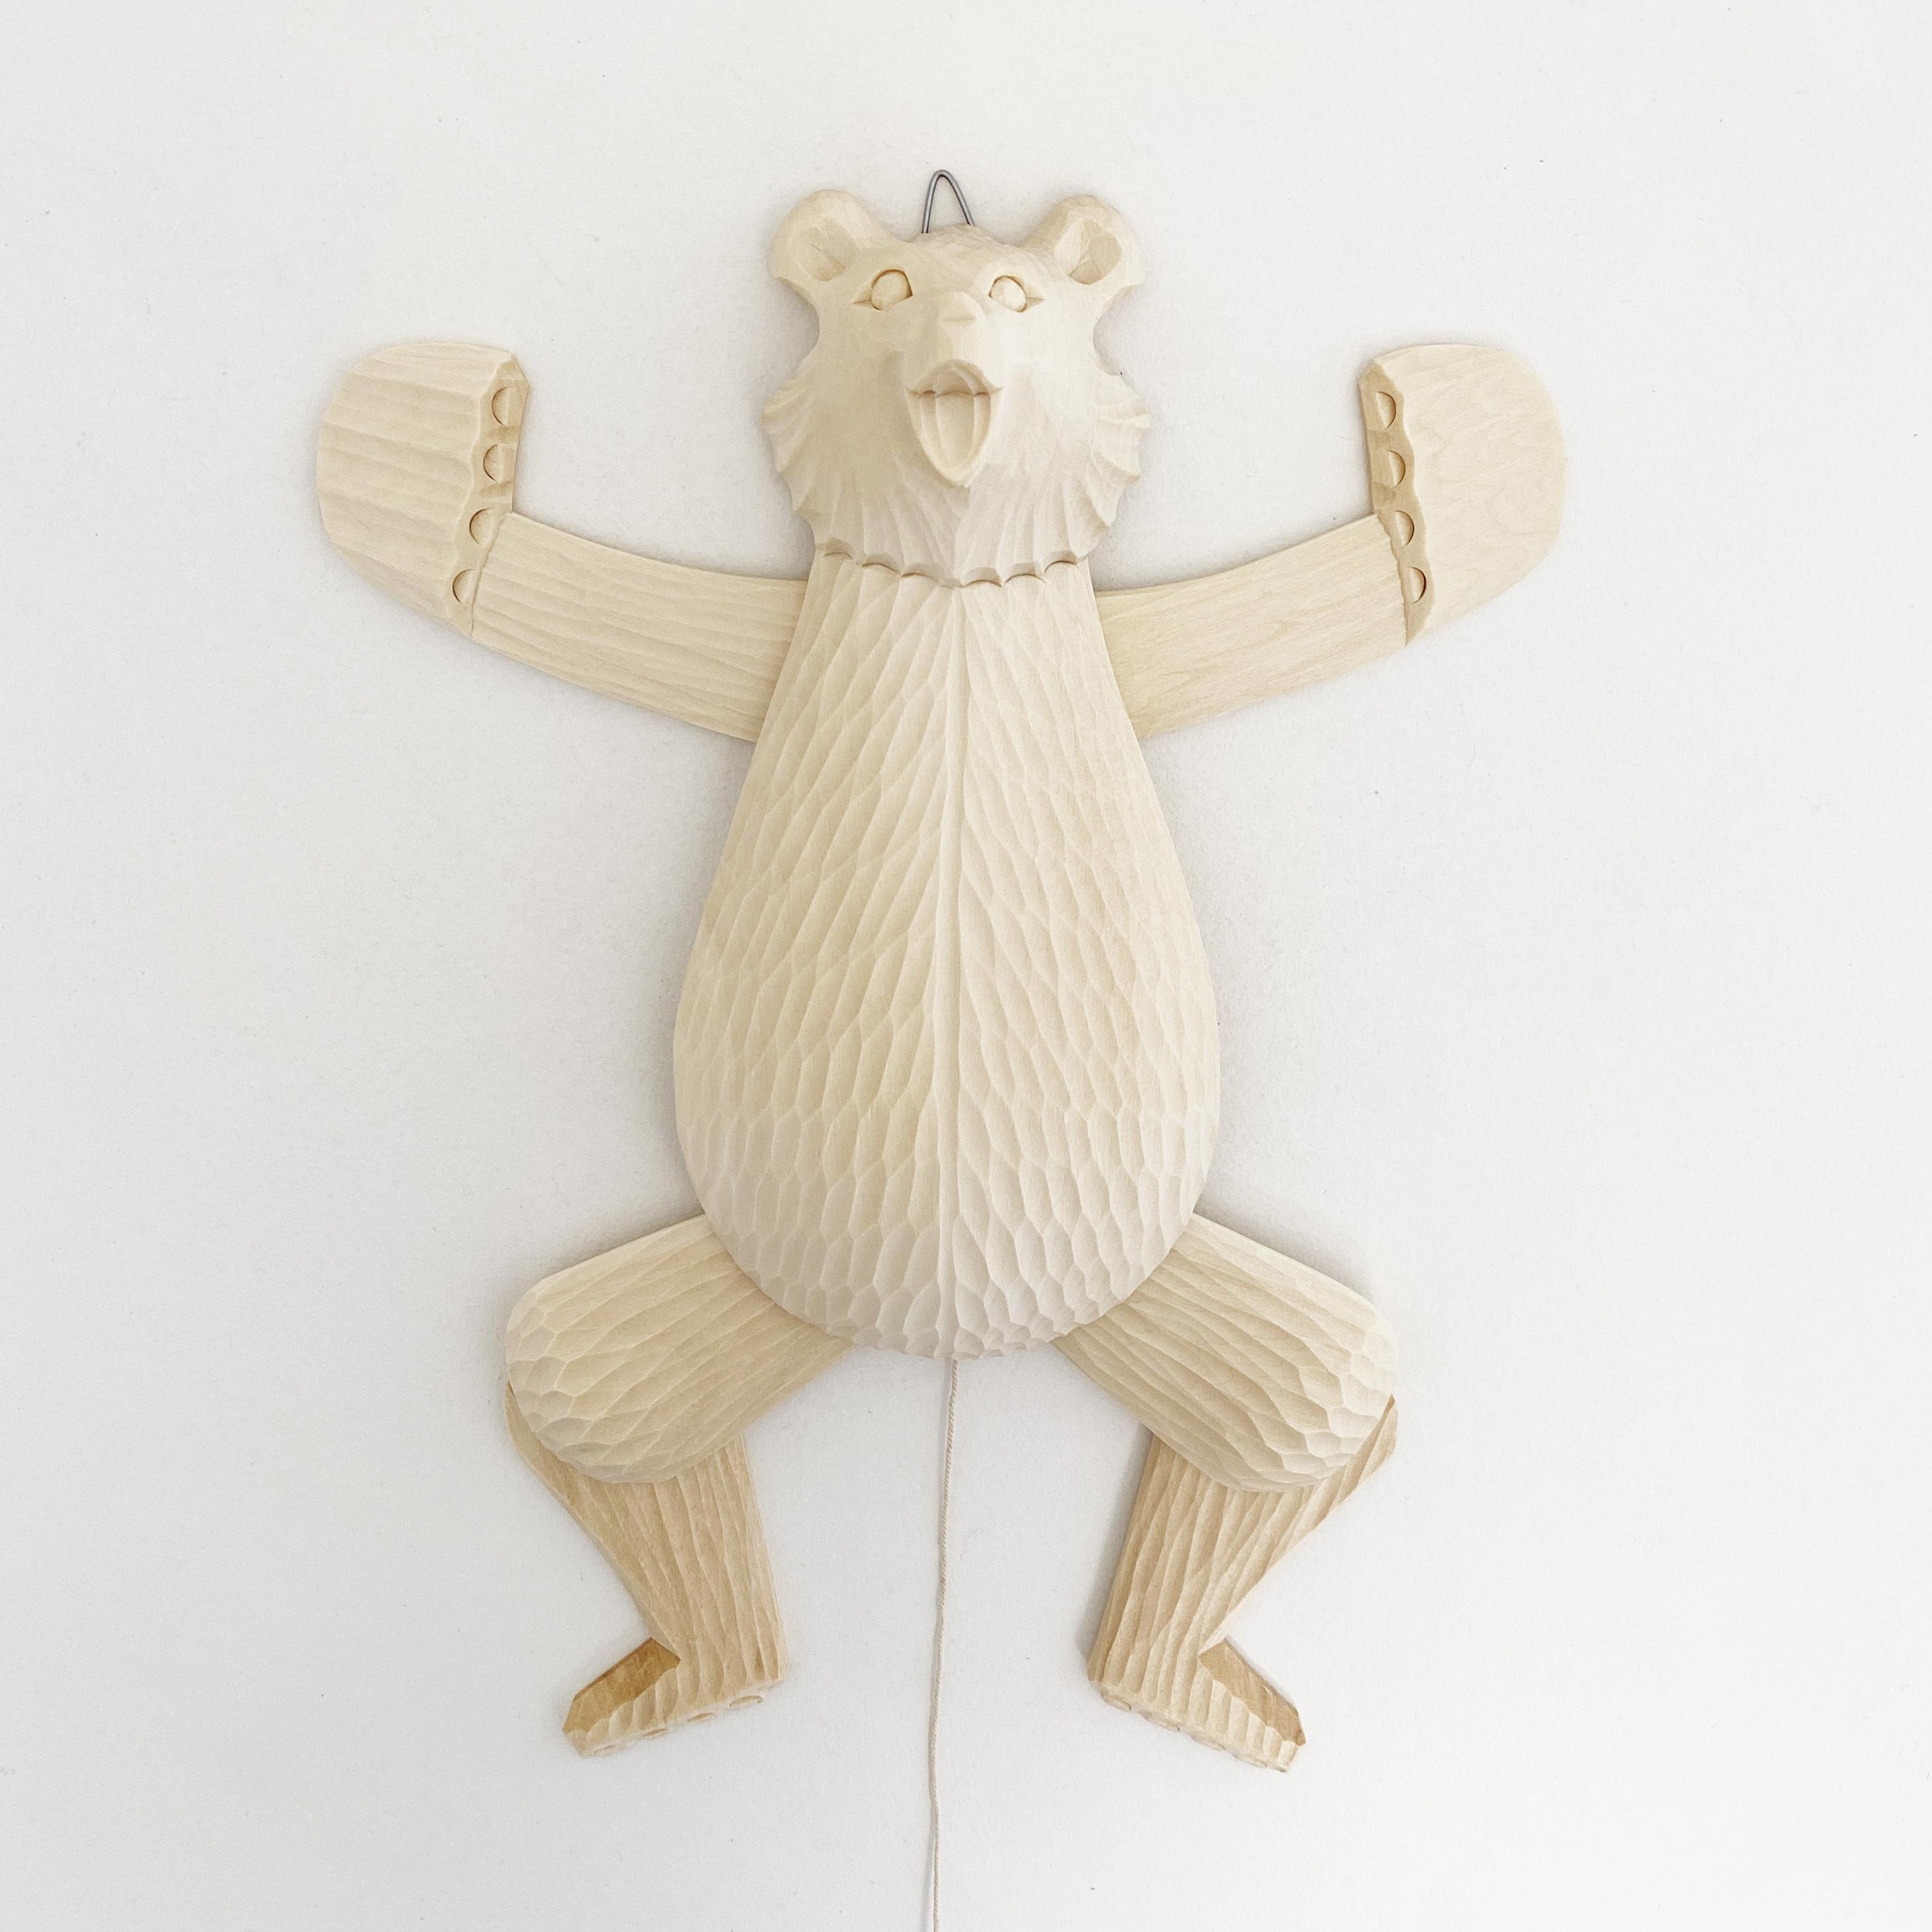 ボゴロツコエ木地玩具「体操クマ」